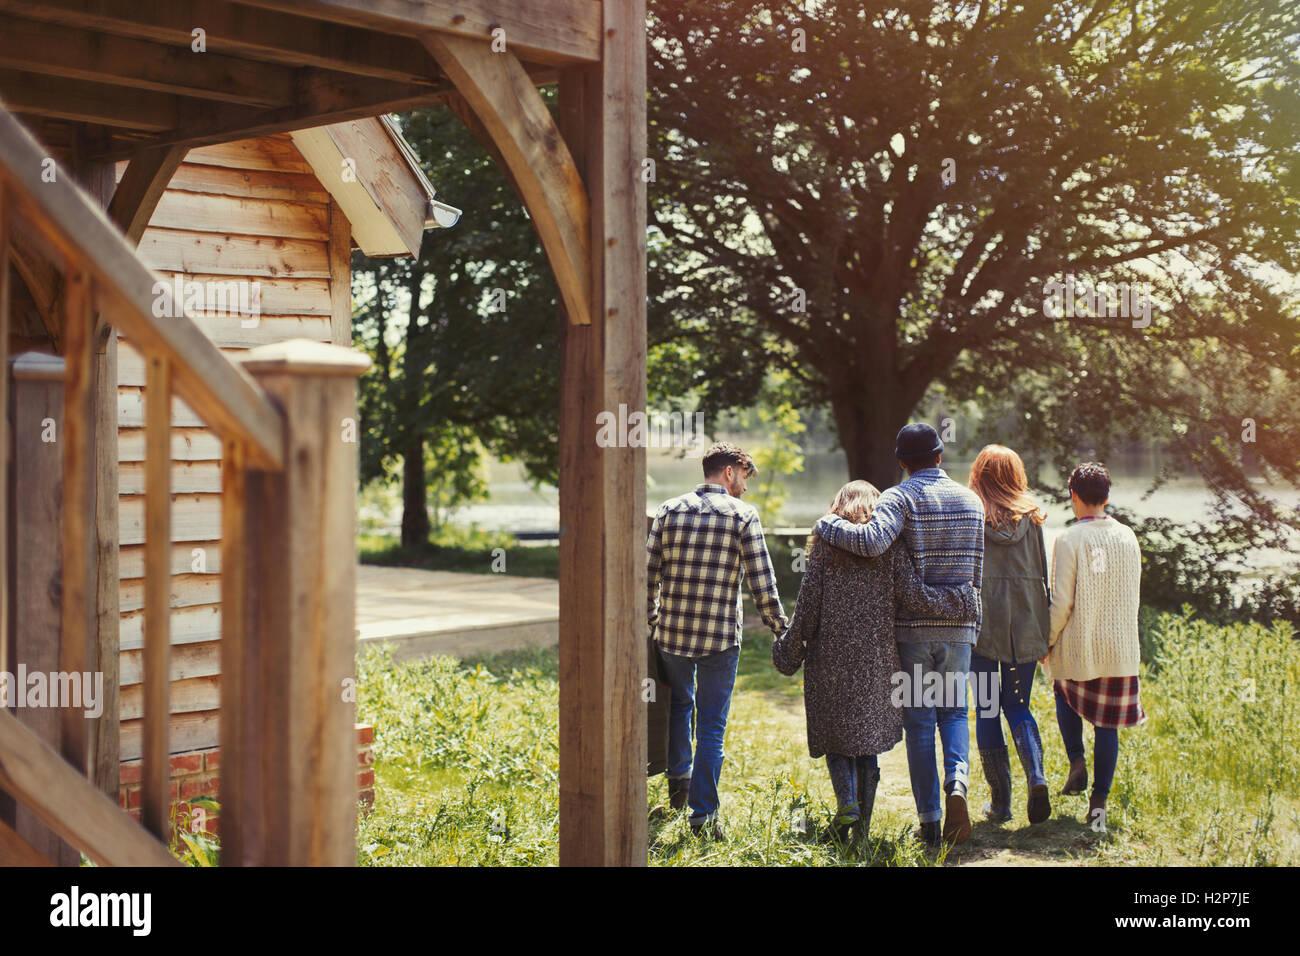 Freunde gehen im freien Hütte am See Stockfoto